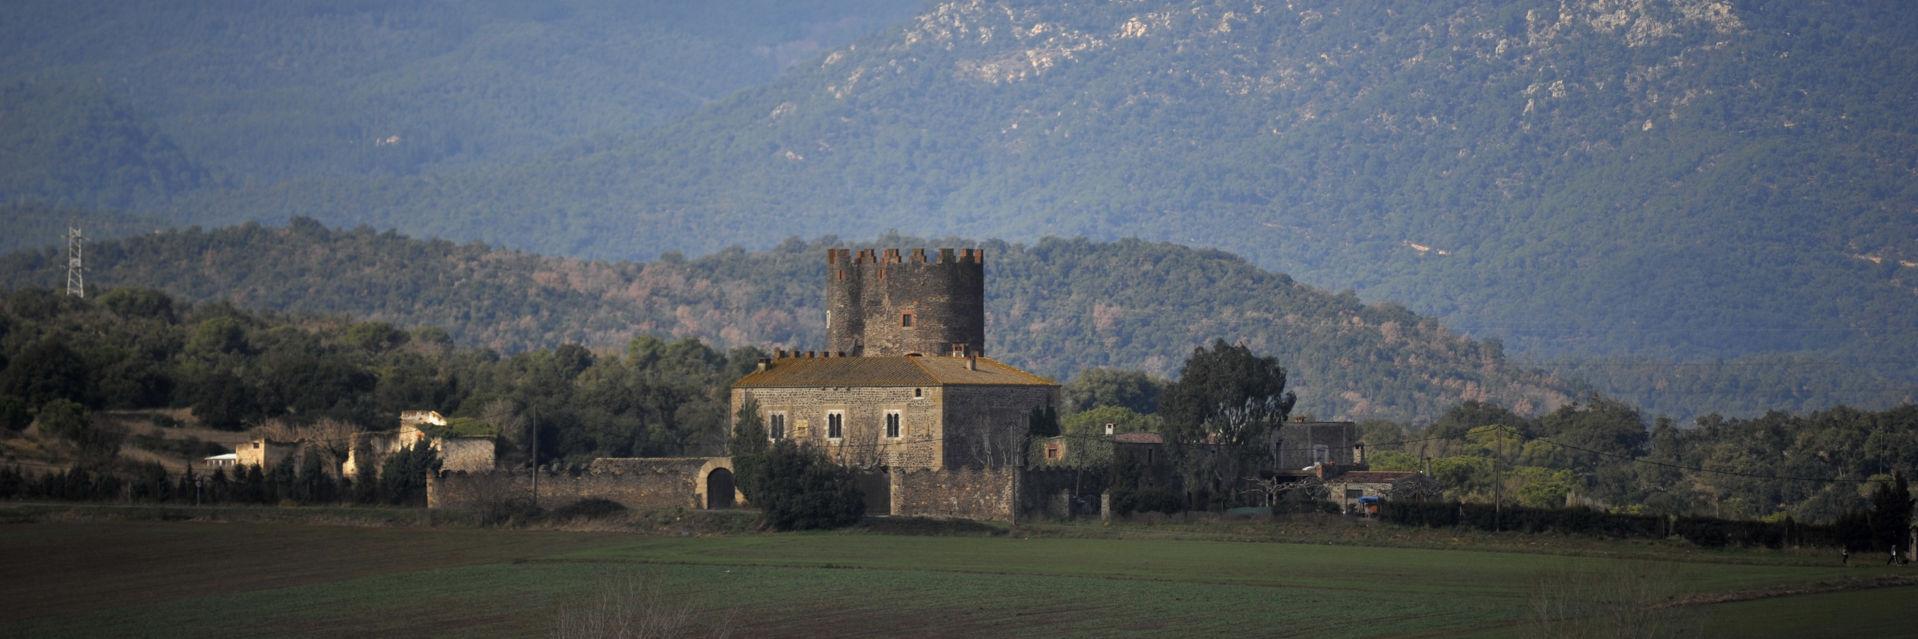 Benvinguts al web de l'Ajuntament de Maçanet de la Selva